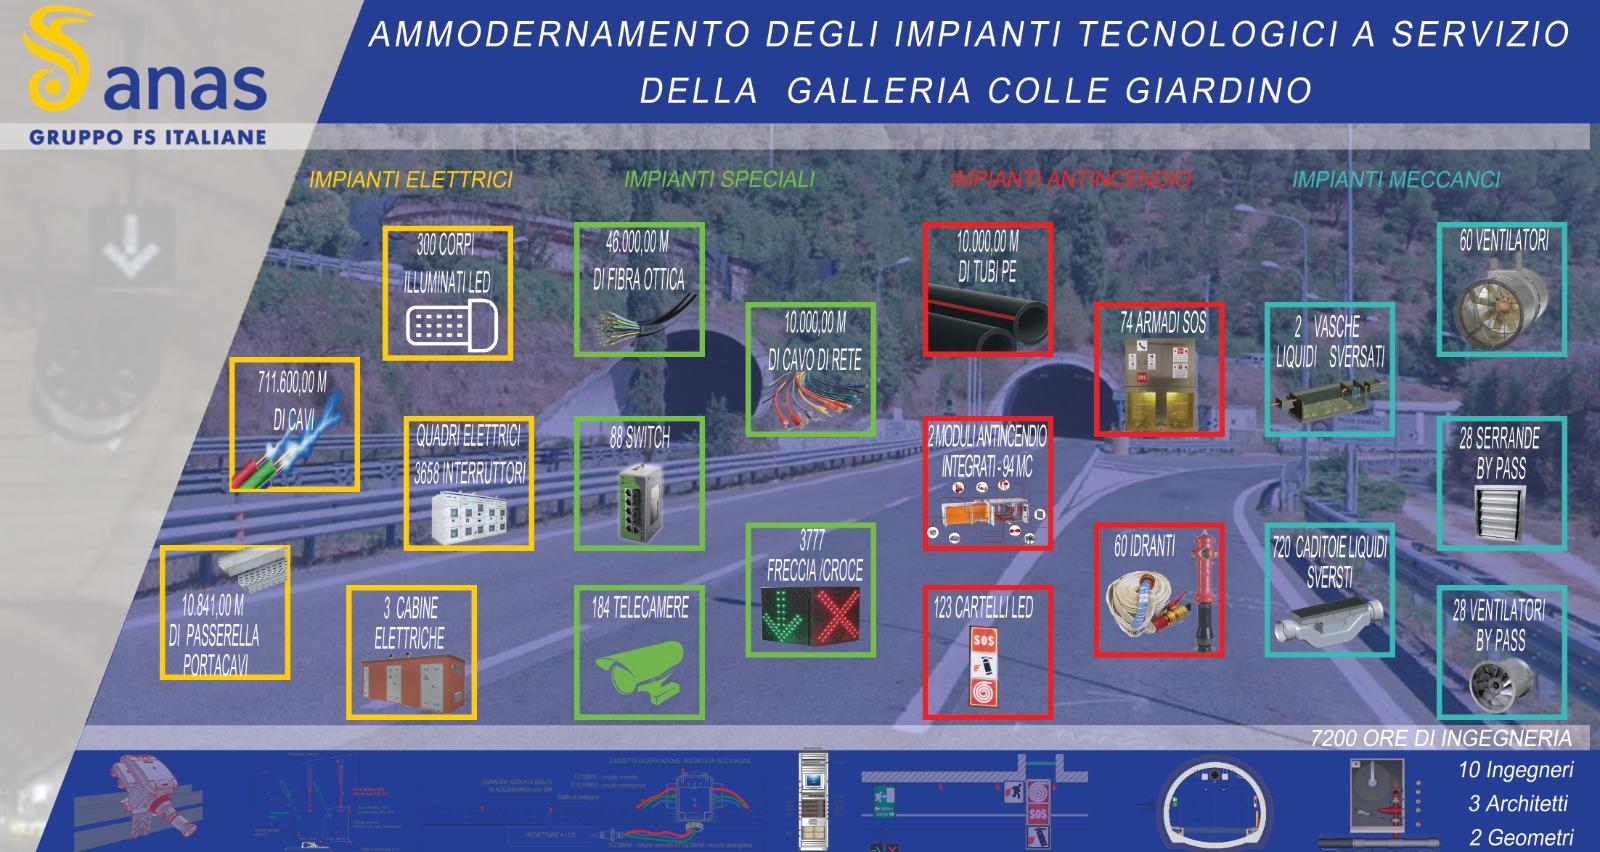 Anas Gruppo FS Italiane Ammodernamento degli impianti tecnologici a servizio della galleria colle giardino